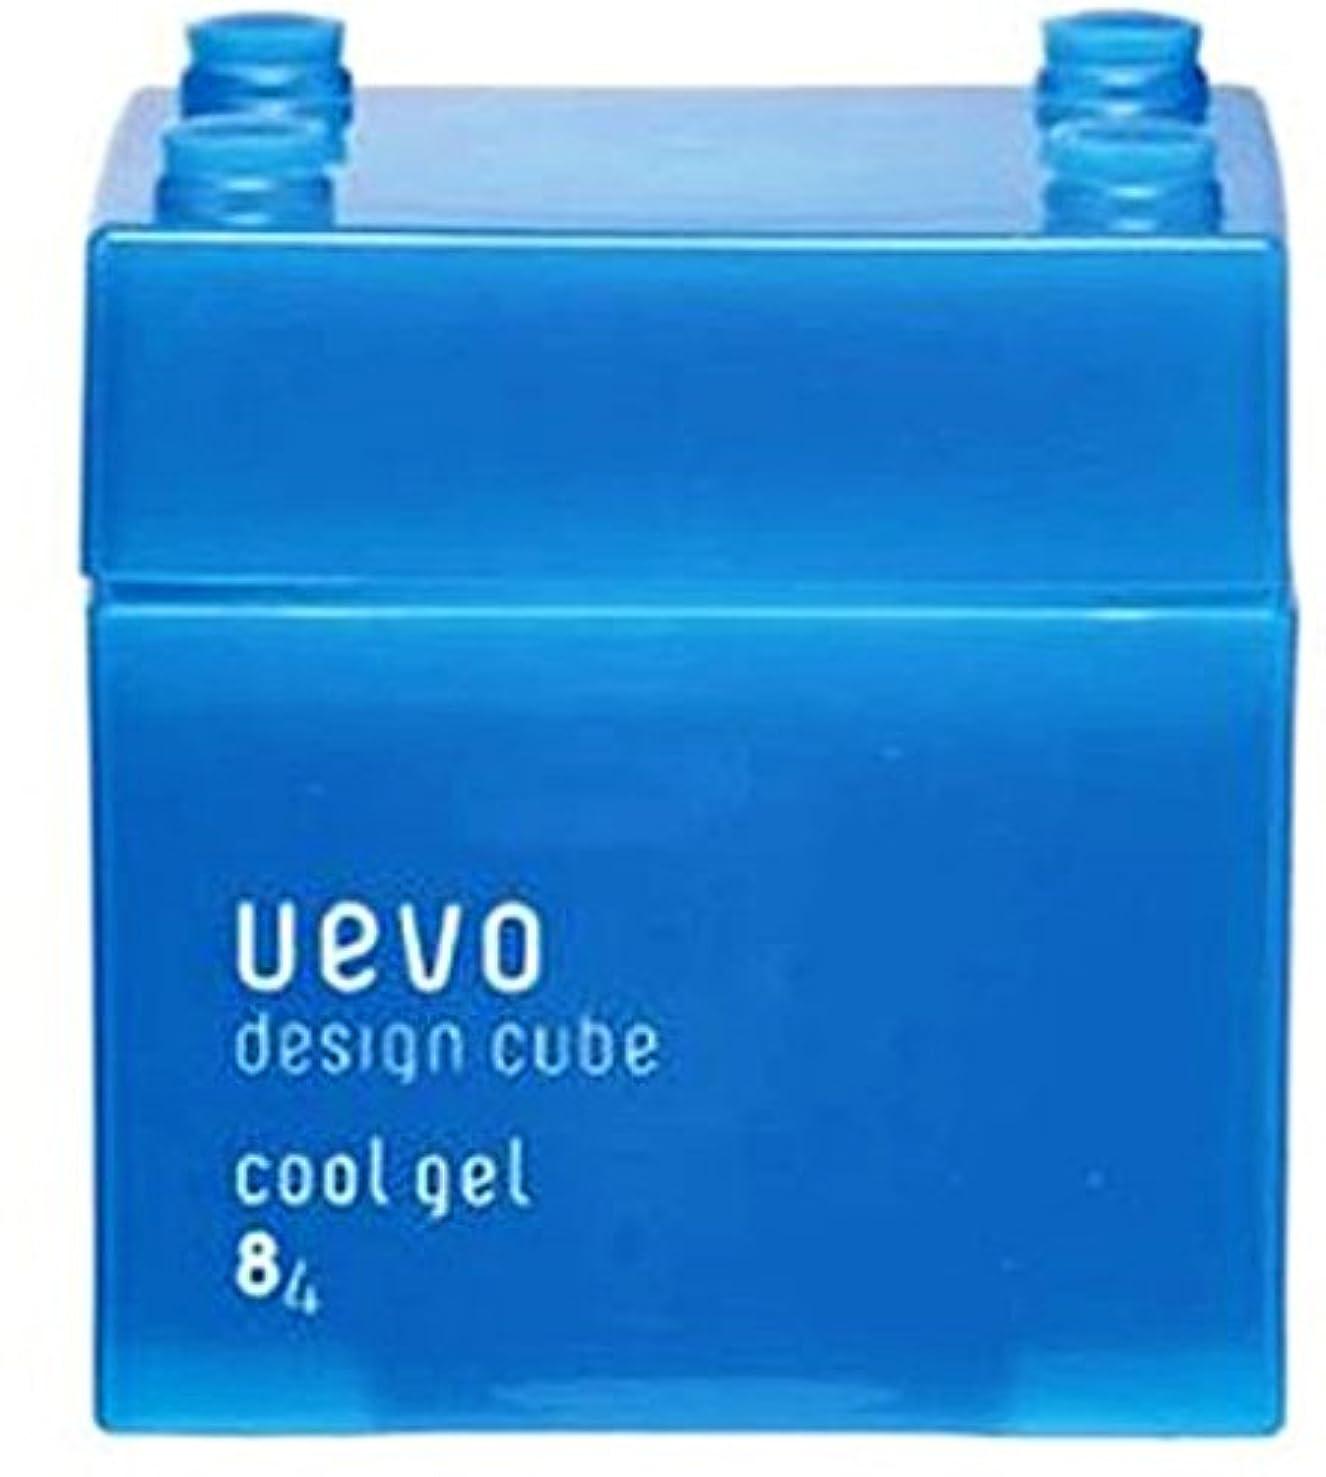 チーズ言い聞かせる液体ウェーボ デザインキューブ クールジェル 80g